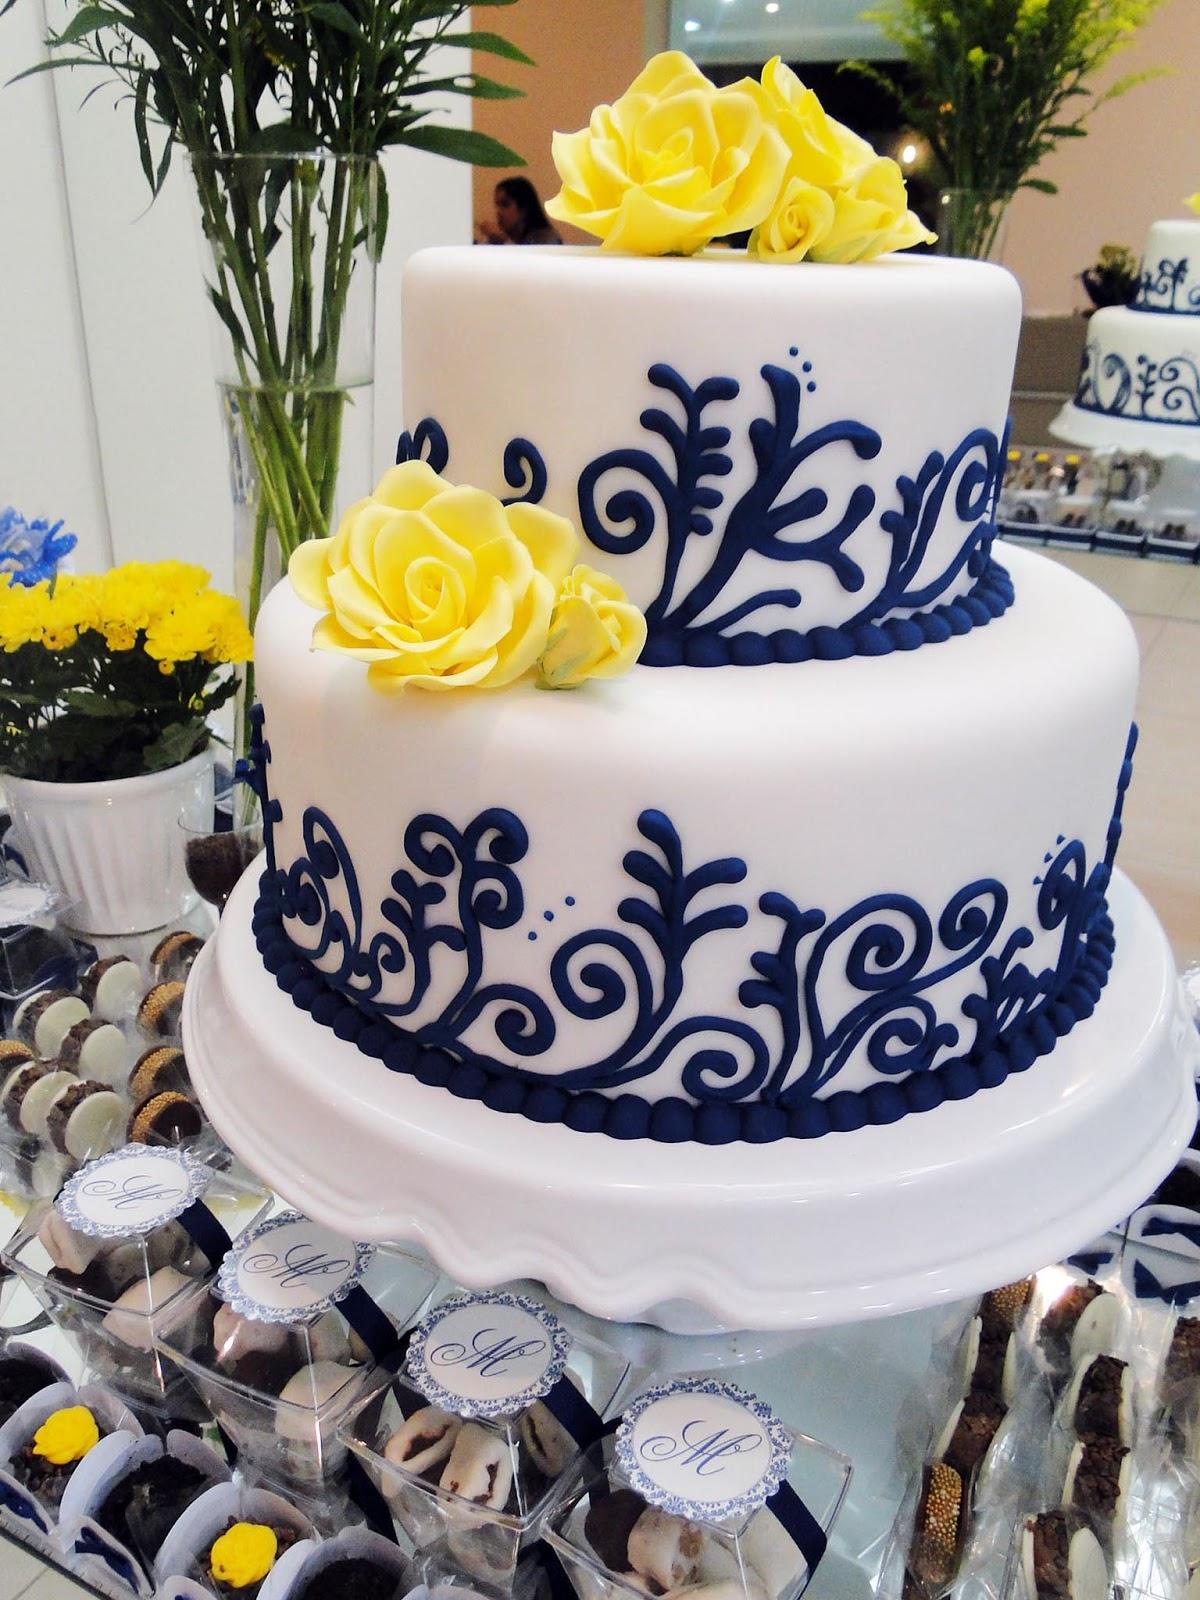 decoracao casamento azul marinho e amarelo : decoracao casamento azul marinho e amarelo:Princesas de Cristo: Casamento: azul marinho e amarelo!